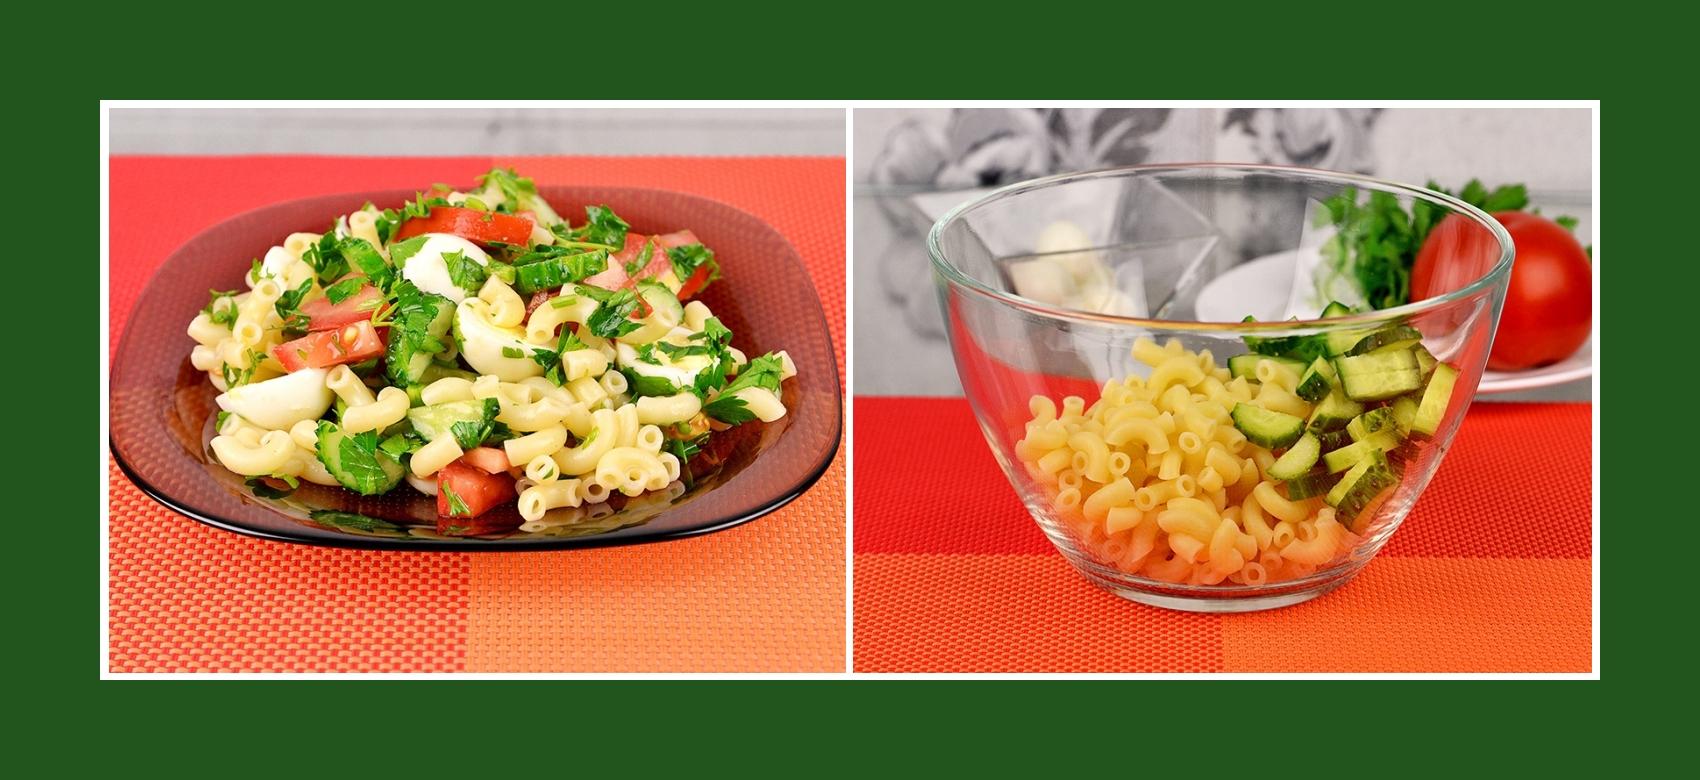 Salat aus Nudeln und frischen Gurken